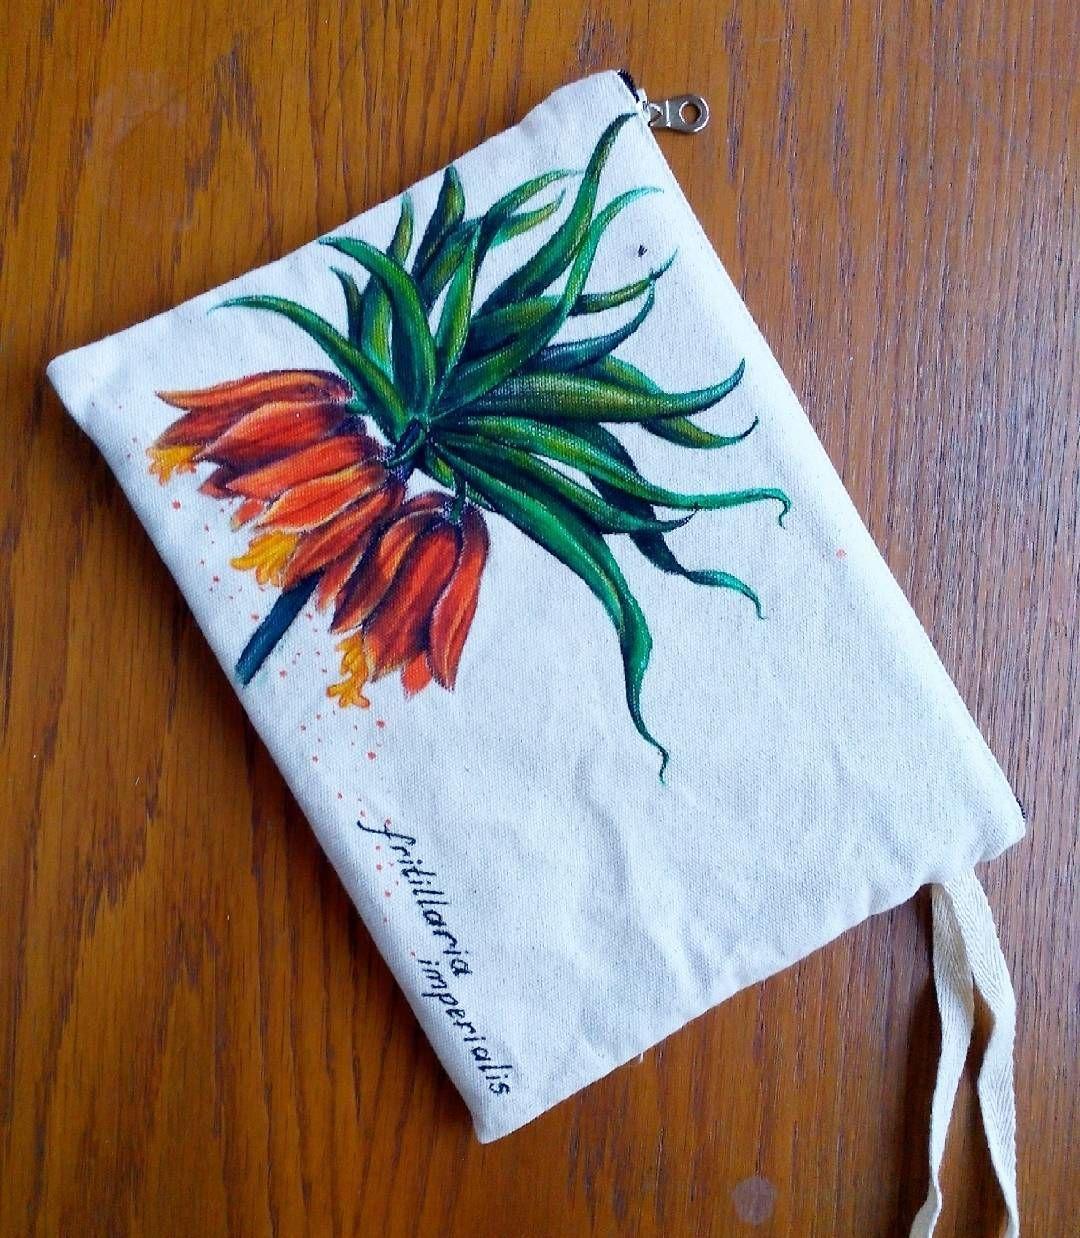 Fritillaria Imperialis Ters Lale 25x18cm Kumas Boyama Paka Pakaconcept Kalkan Kas Art Design Desen Drawing Bag Atolye A Drawing Desenler Cizim